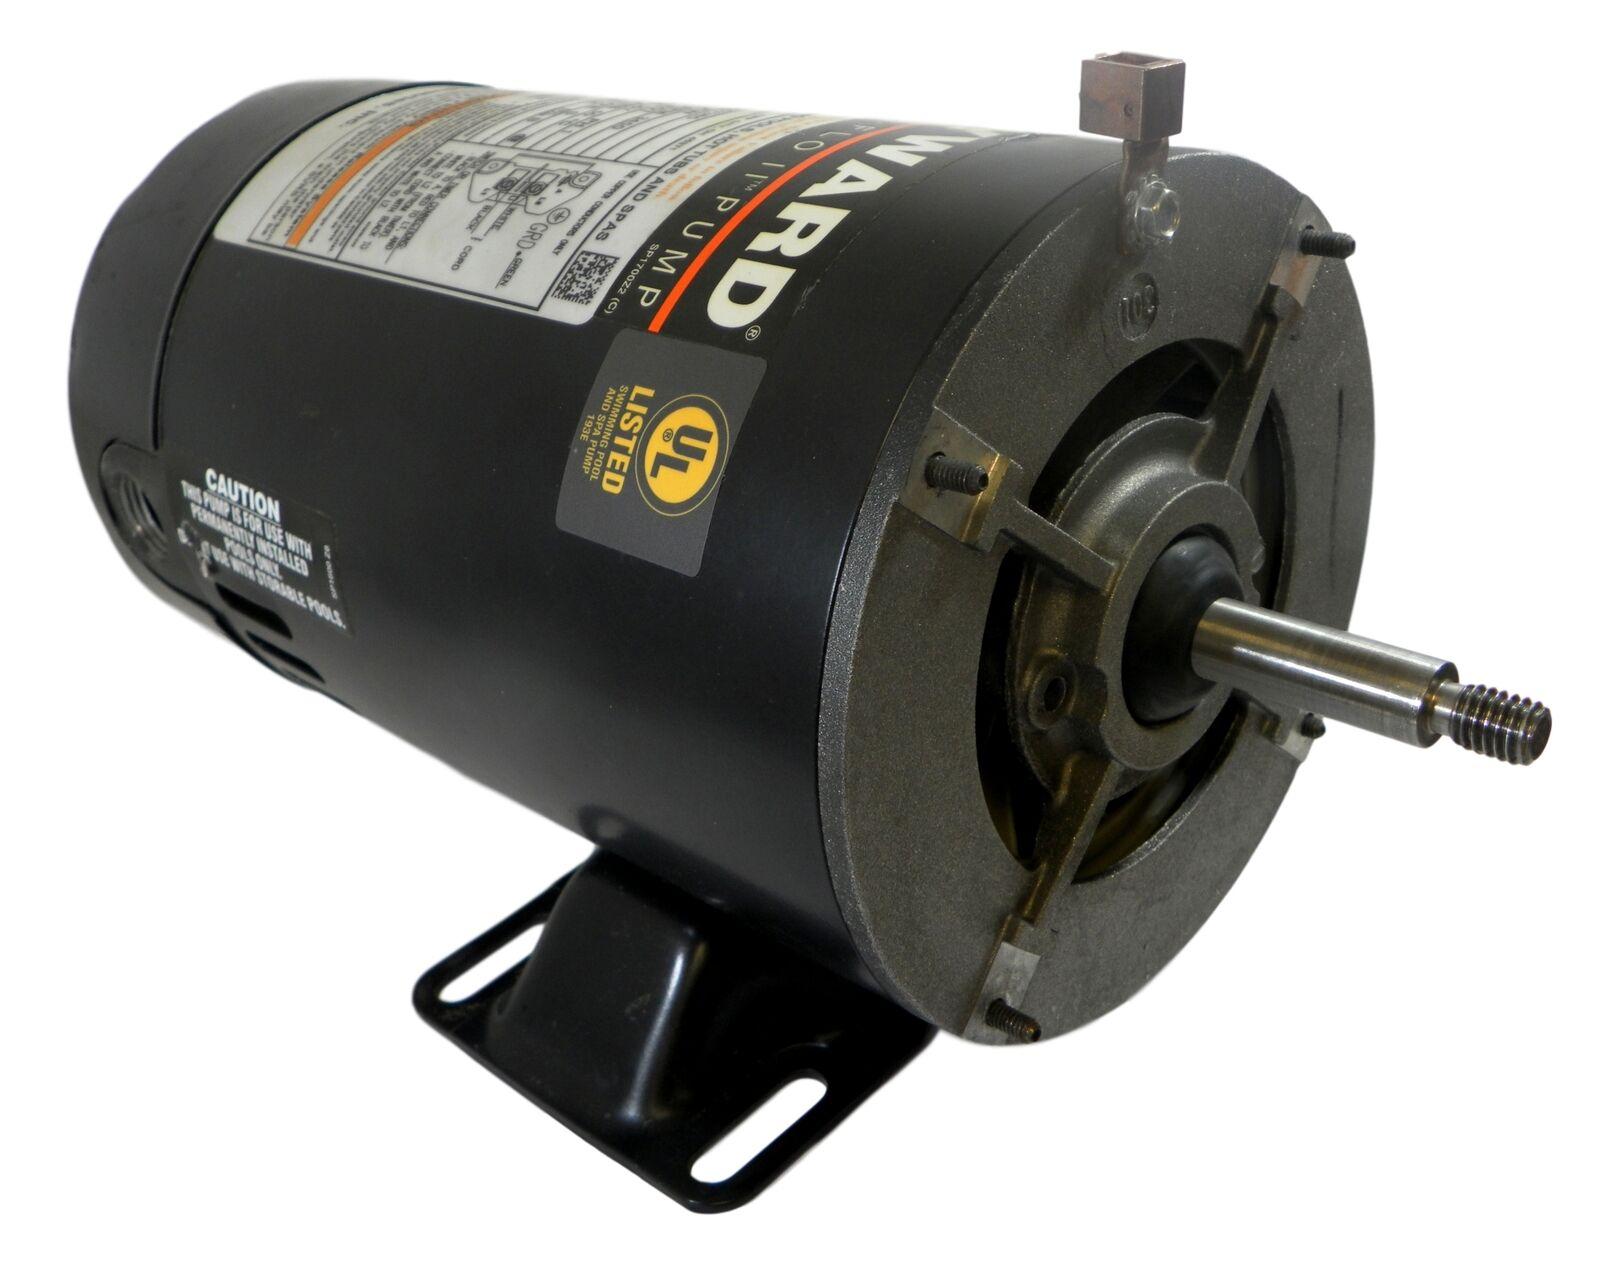 Hayward SP1500Z1E 115V 1 2 HP 3450 Rpm 1 Velocidad Motor Eléctrico